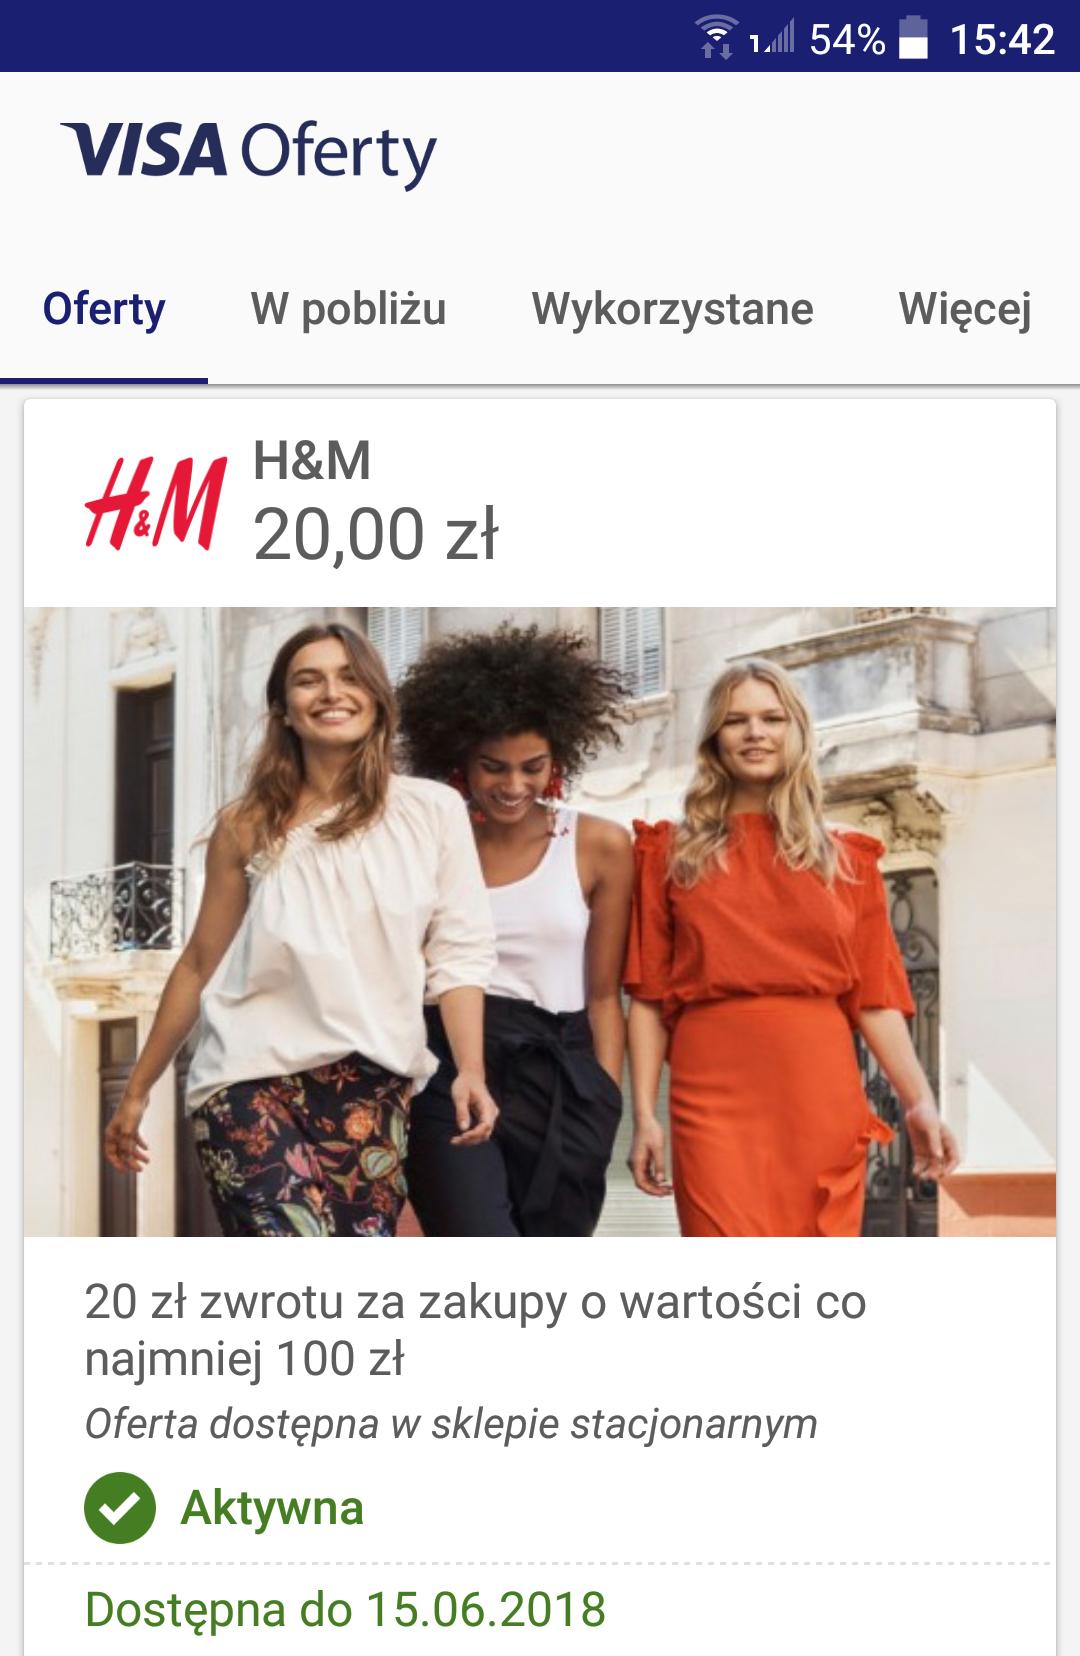 Visa Oferty- zwrot 20 zł H&M, MWZ 100 zł (ponownie dostępne)